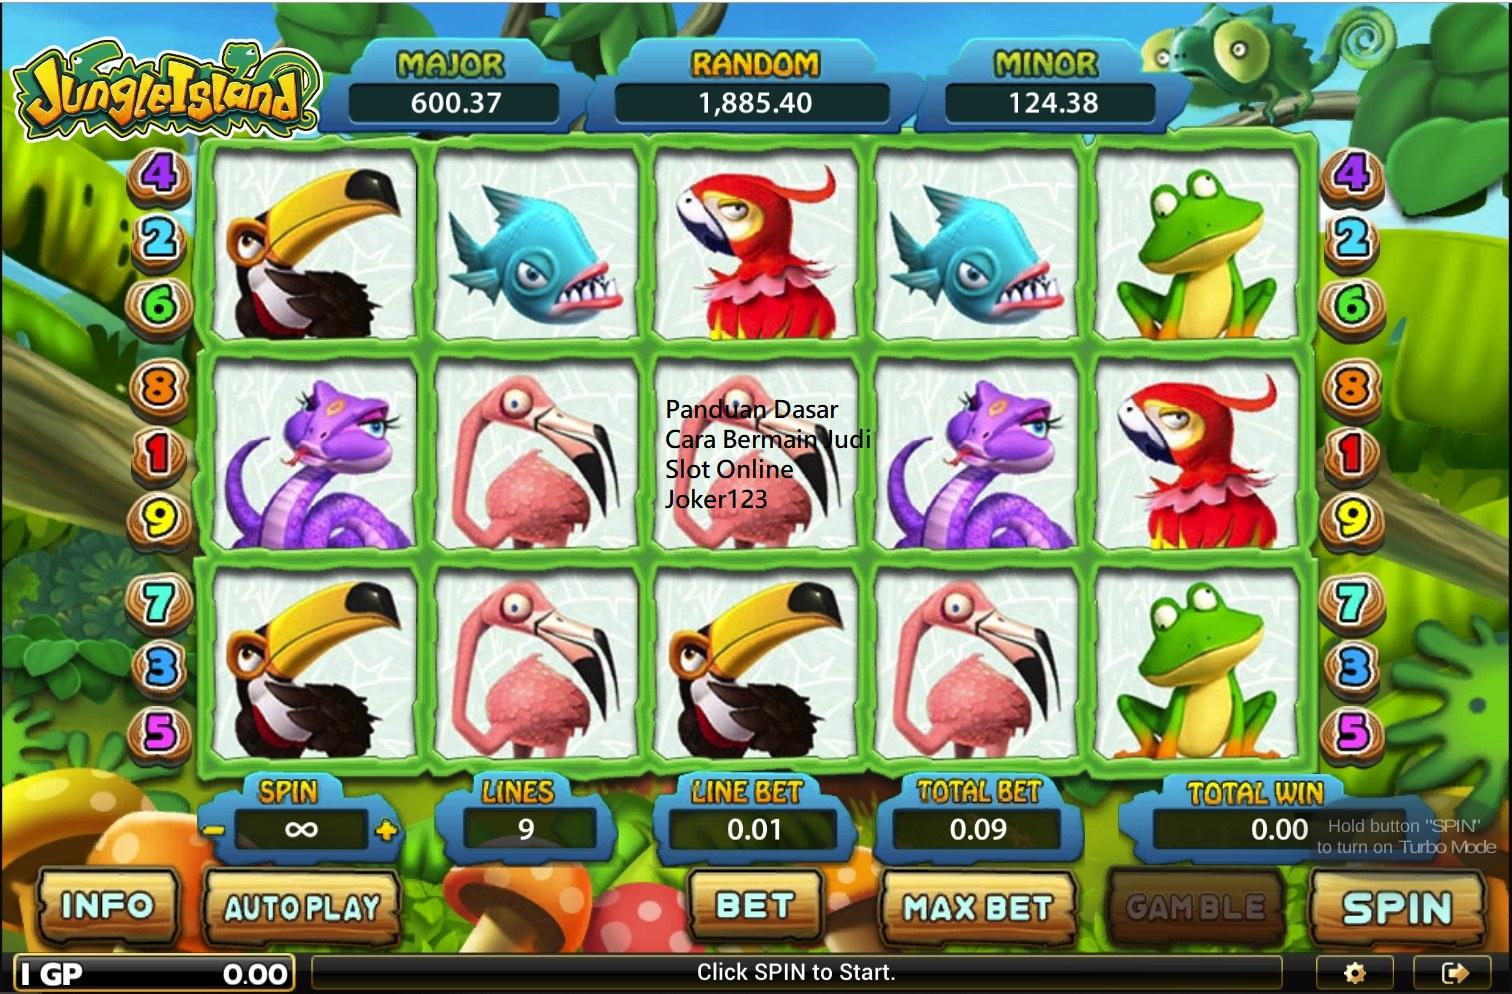 Panduan Dasar Cara Bermain Judi Slot Online Joker123